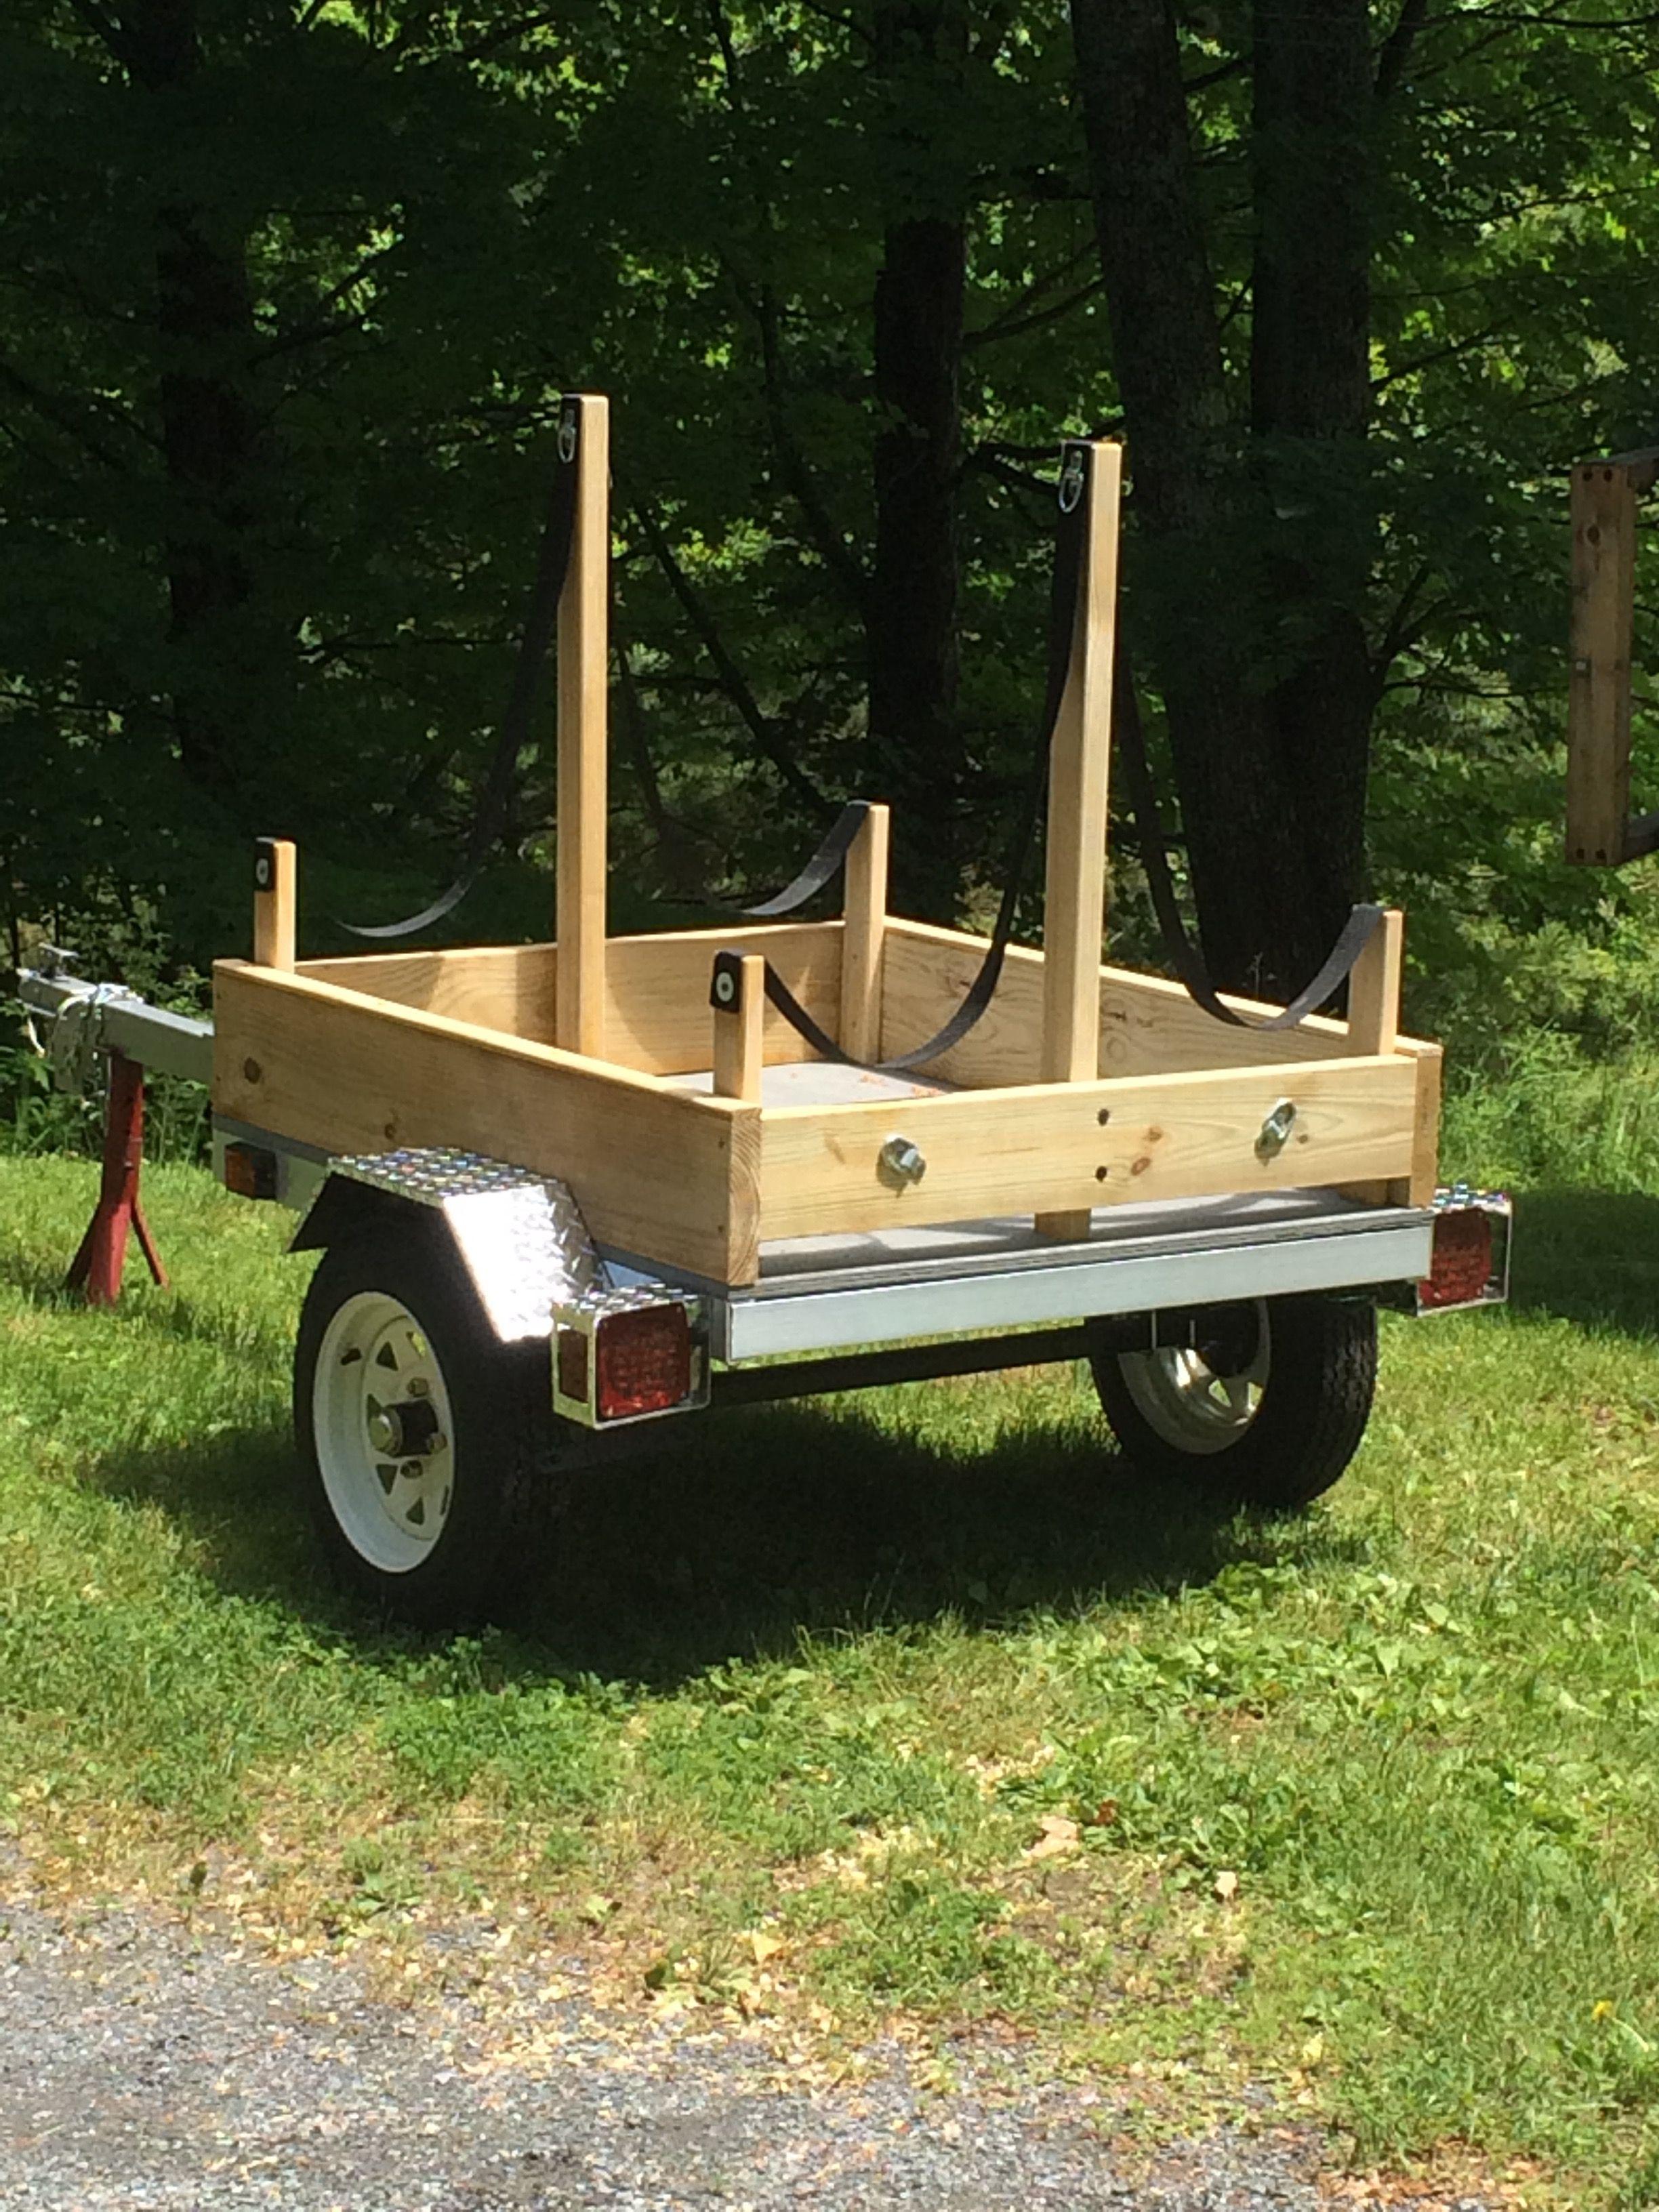 Diy utility trailer conversion to haul kayaks straps